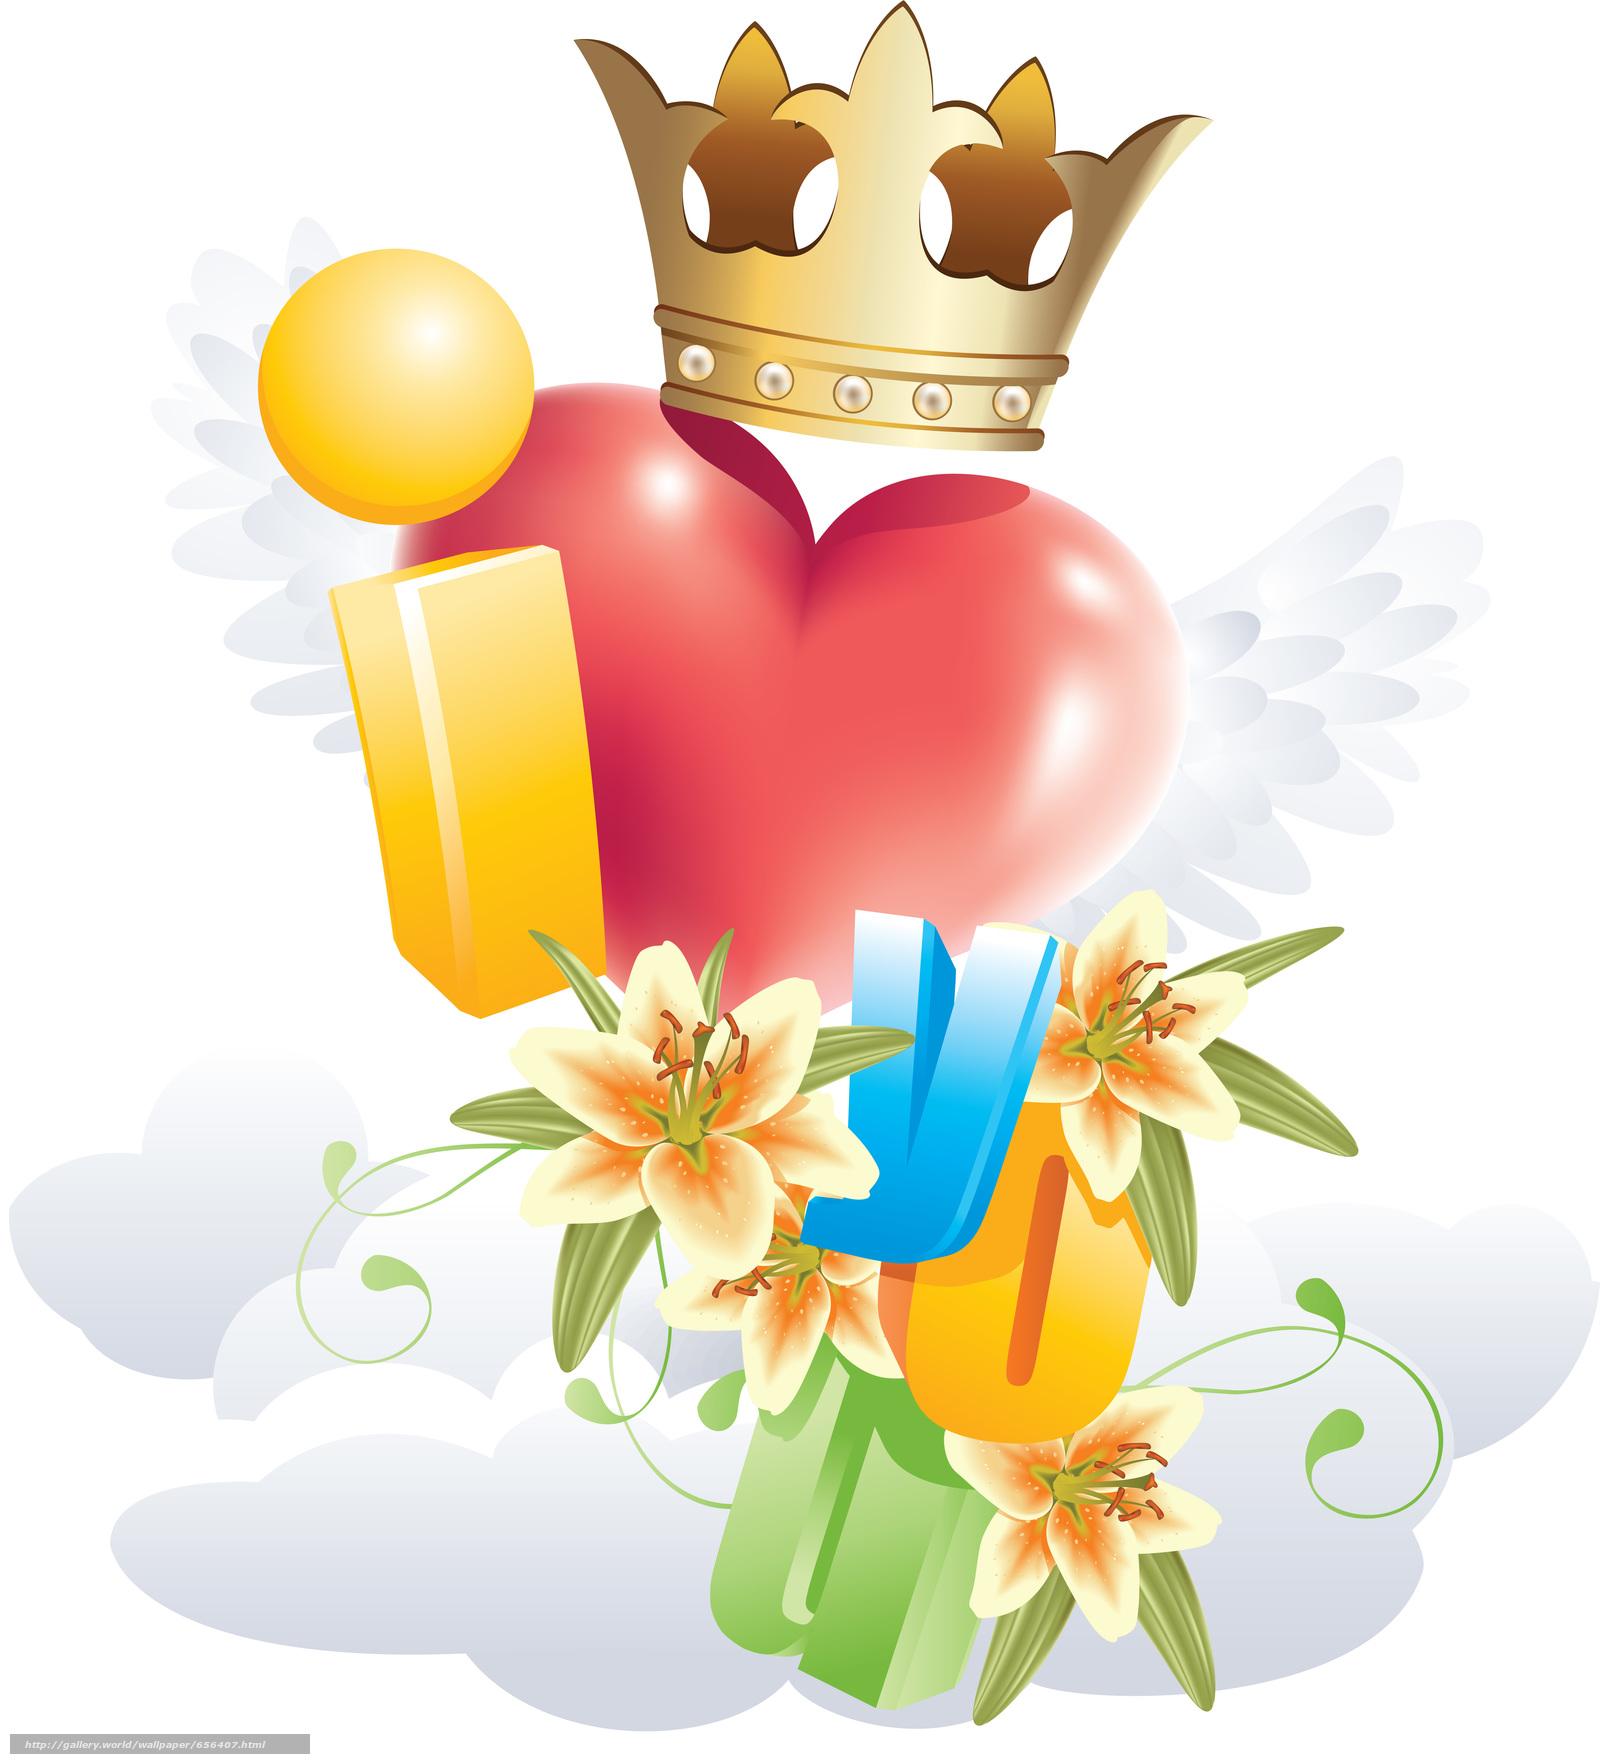 下载壁纸 情人节,  情人节,  节日,  心脏 免费为您的桌面分辨率的壁纸 5798x6393 — 图片 №656407